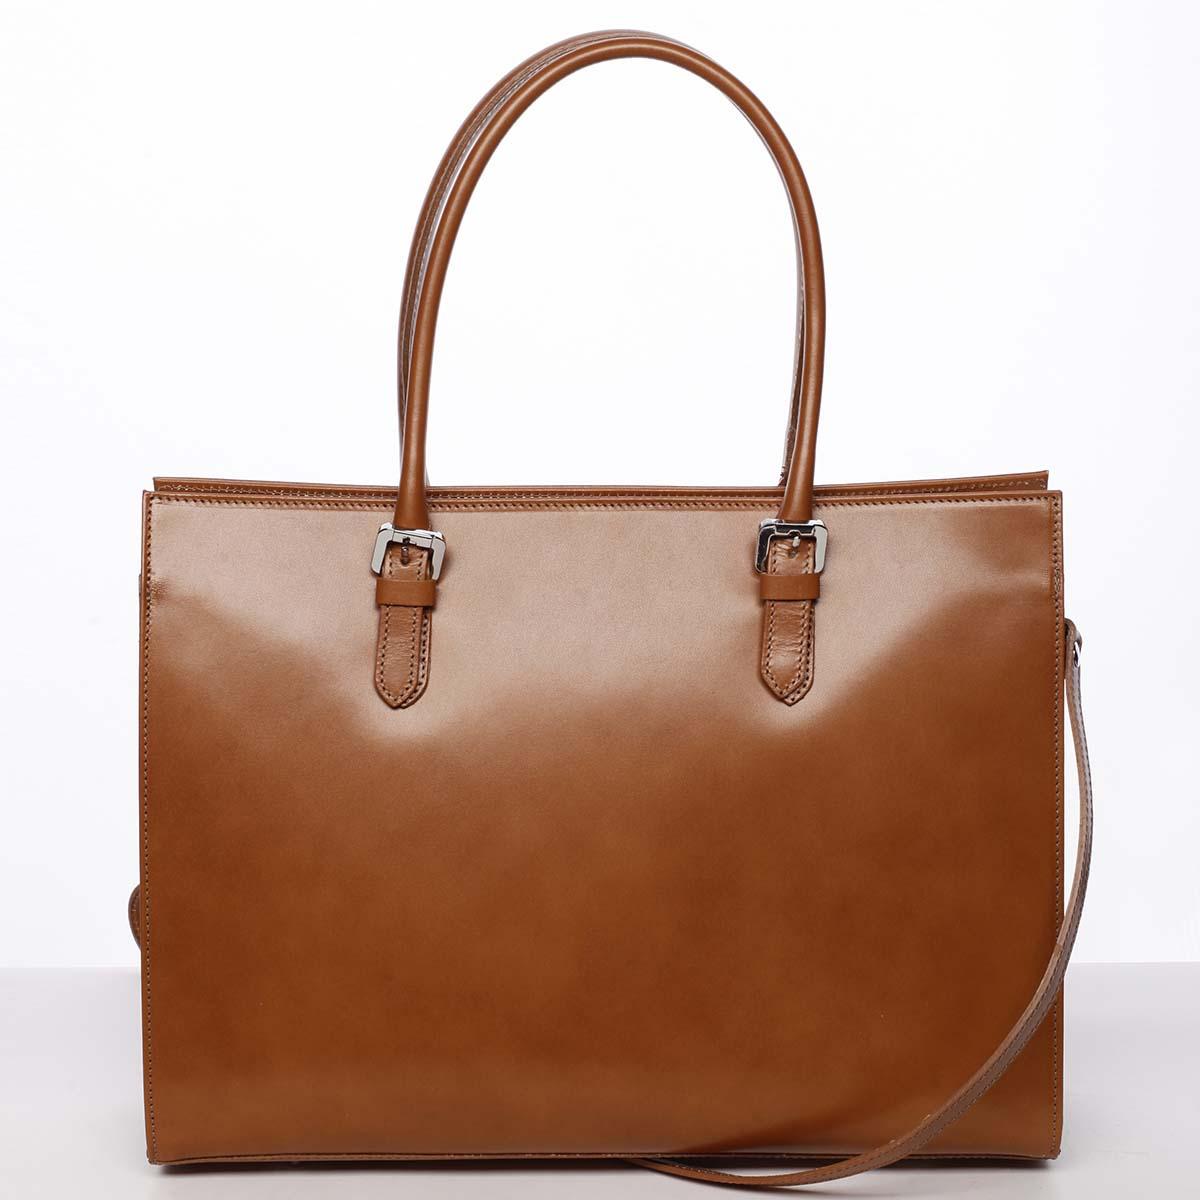 Moderná elegantná dámska kožená kabelka koňaková - ItalY Madelia